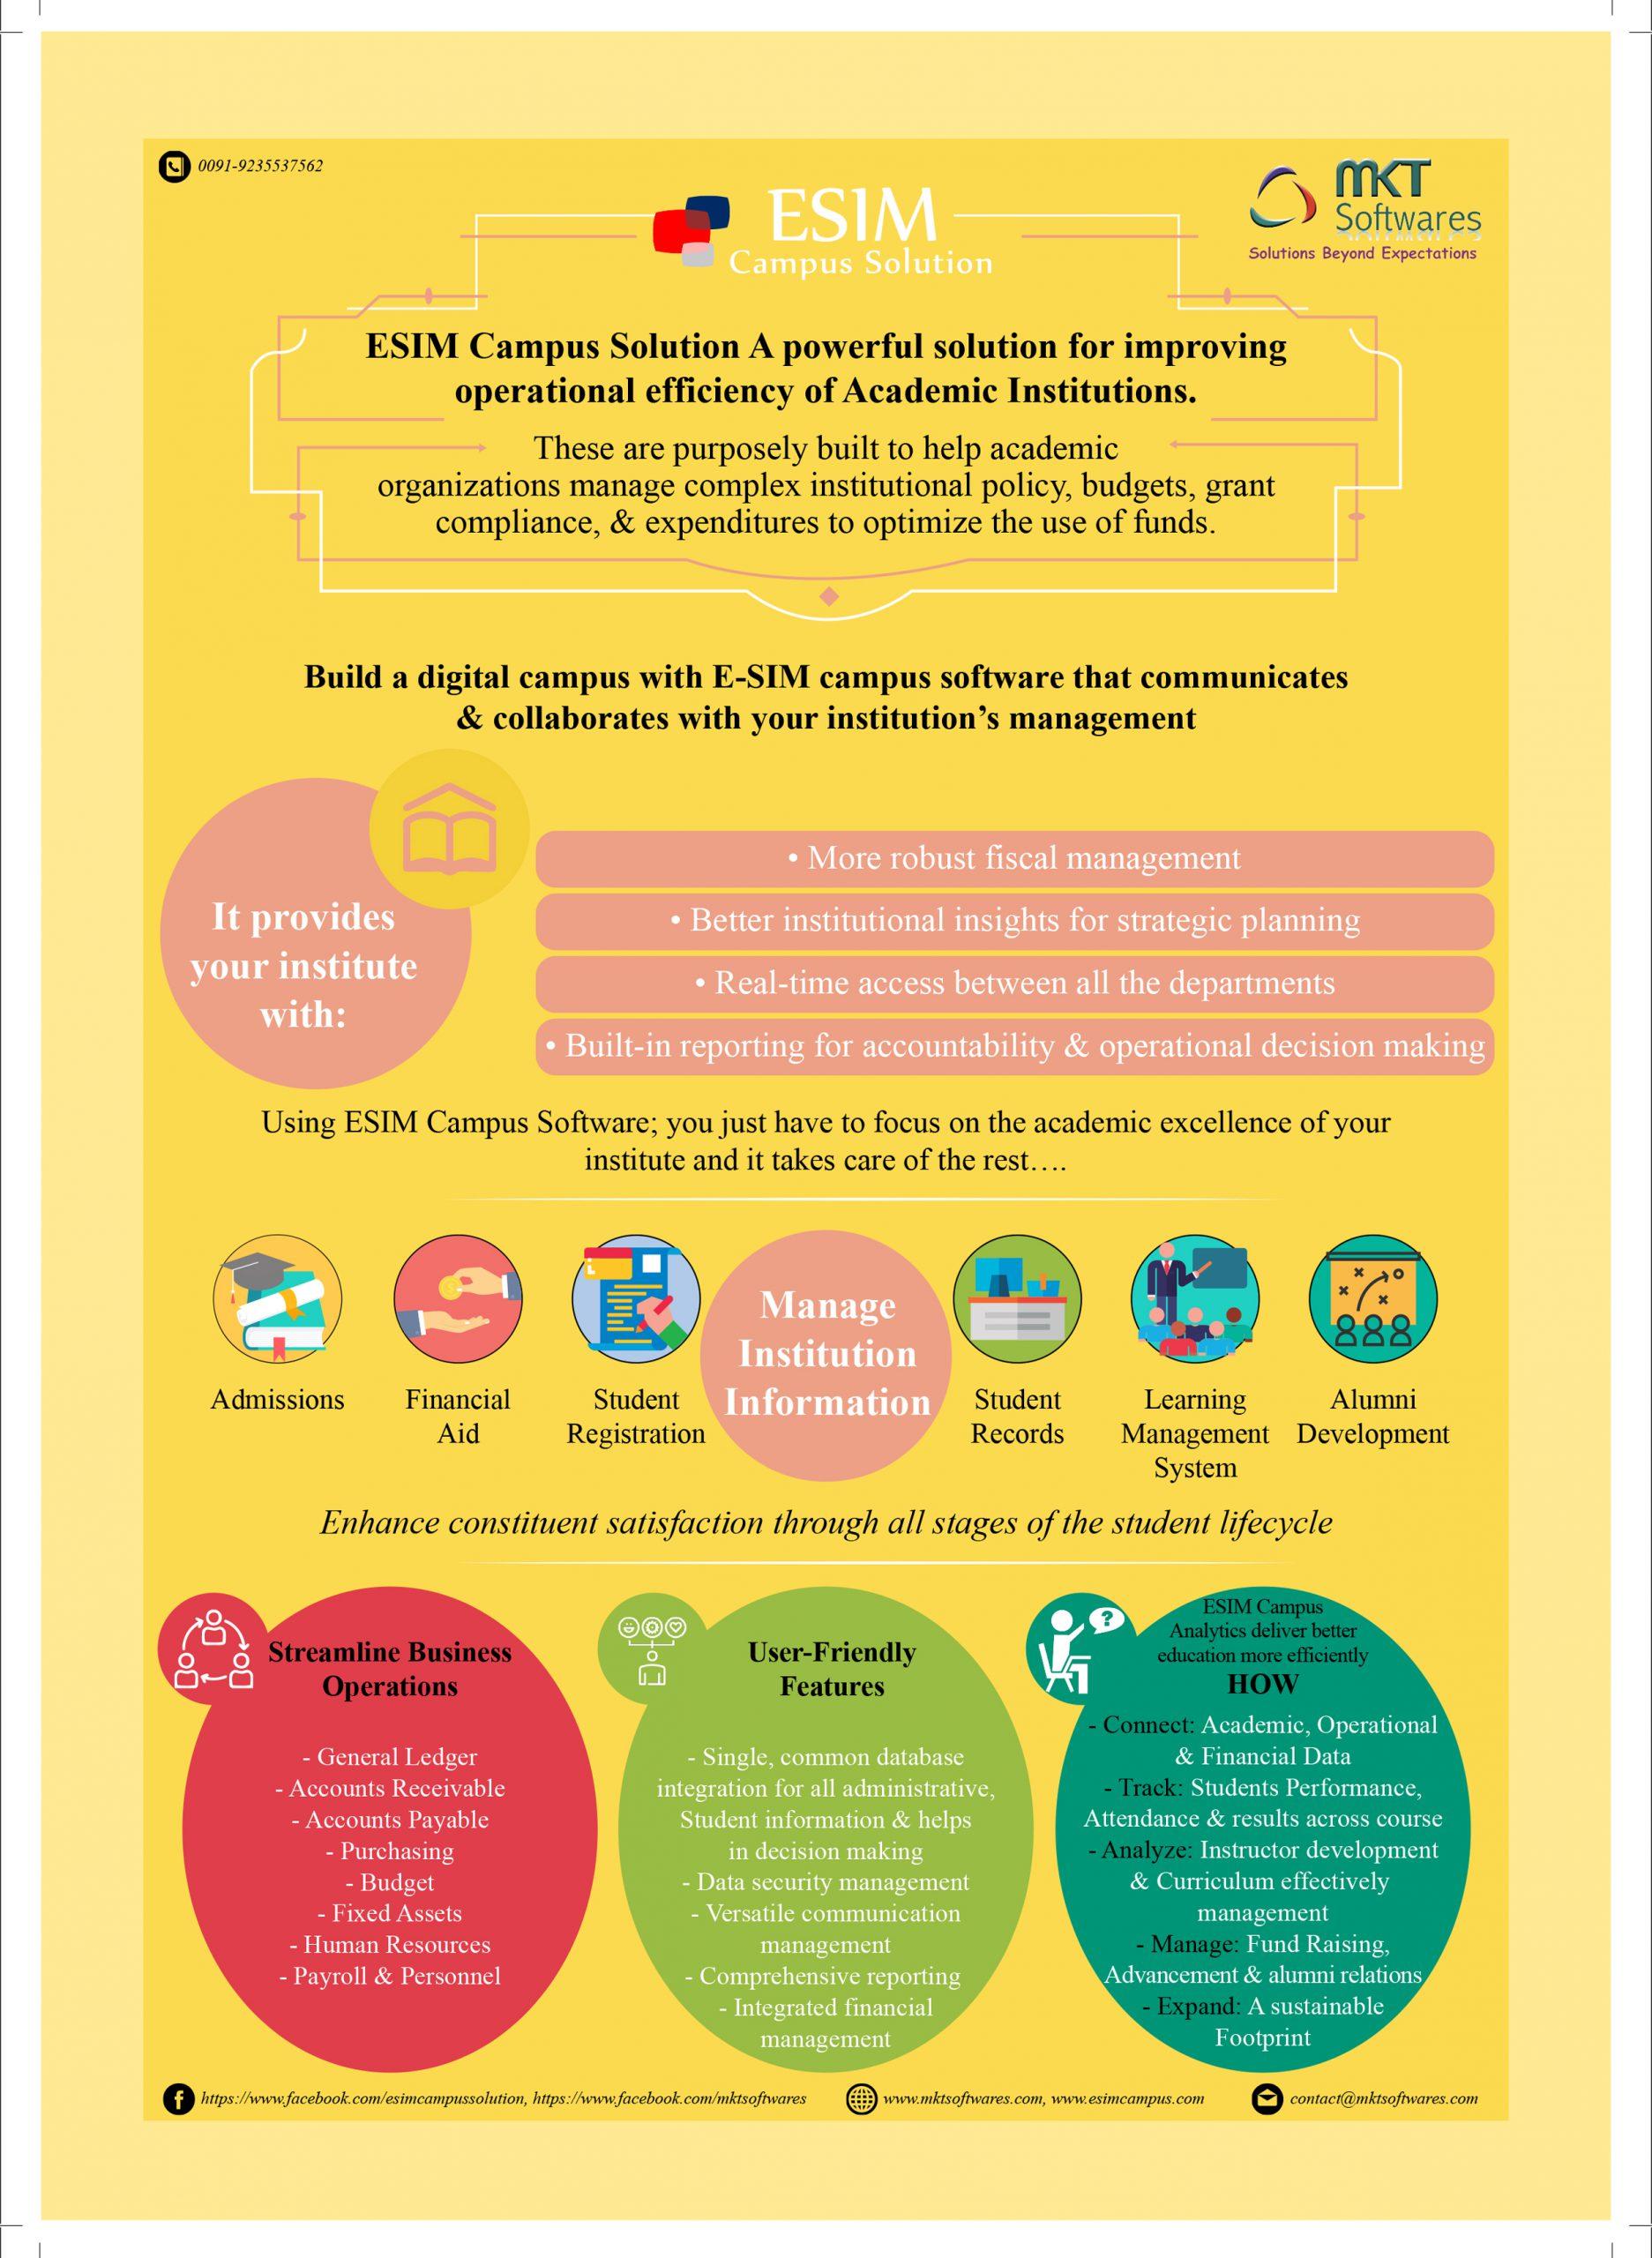 ESIM-Campus-services-scaled.jpg